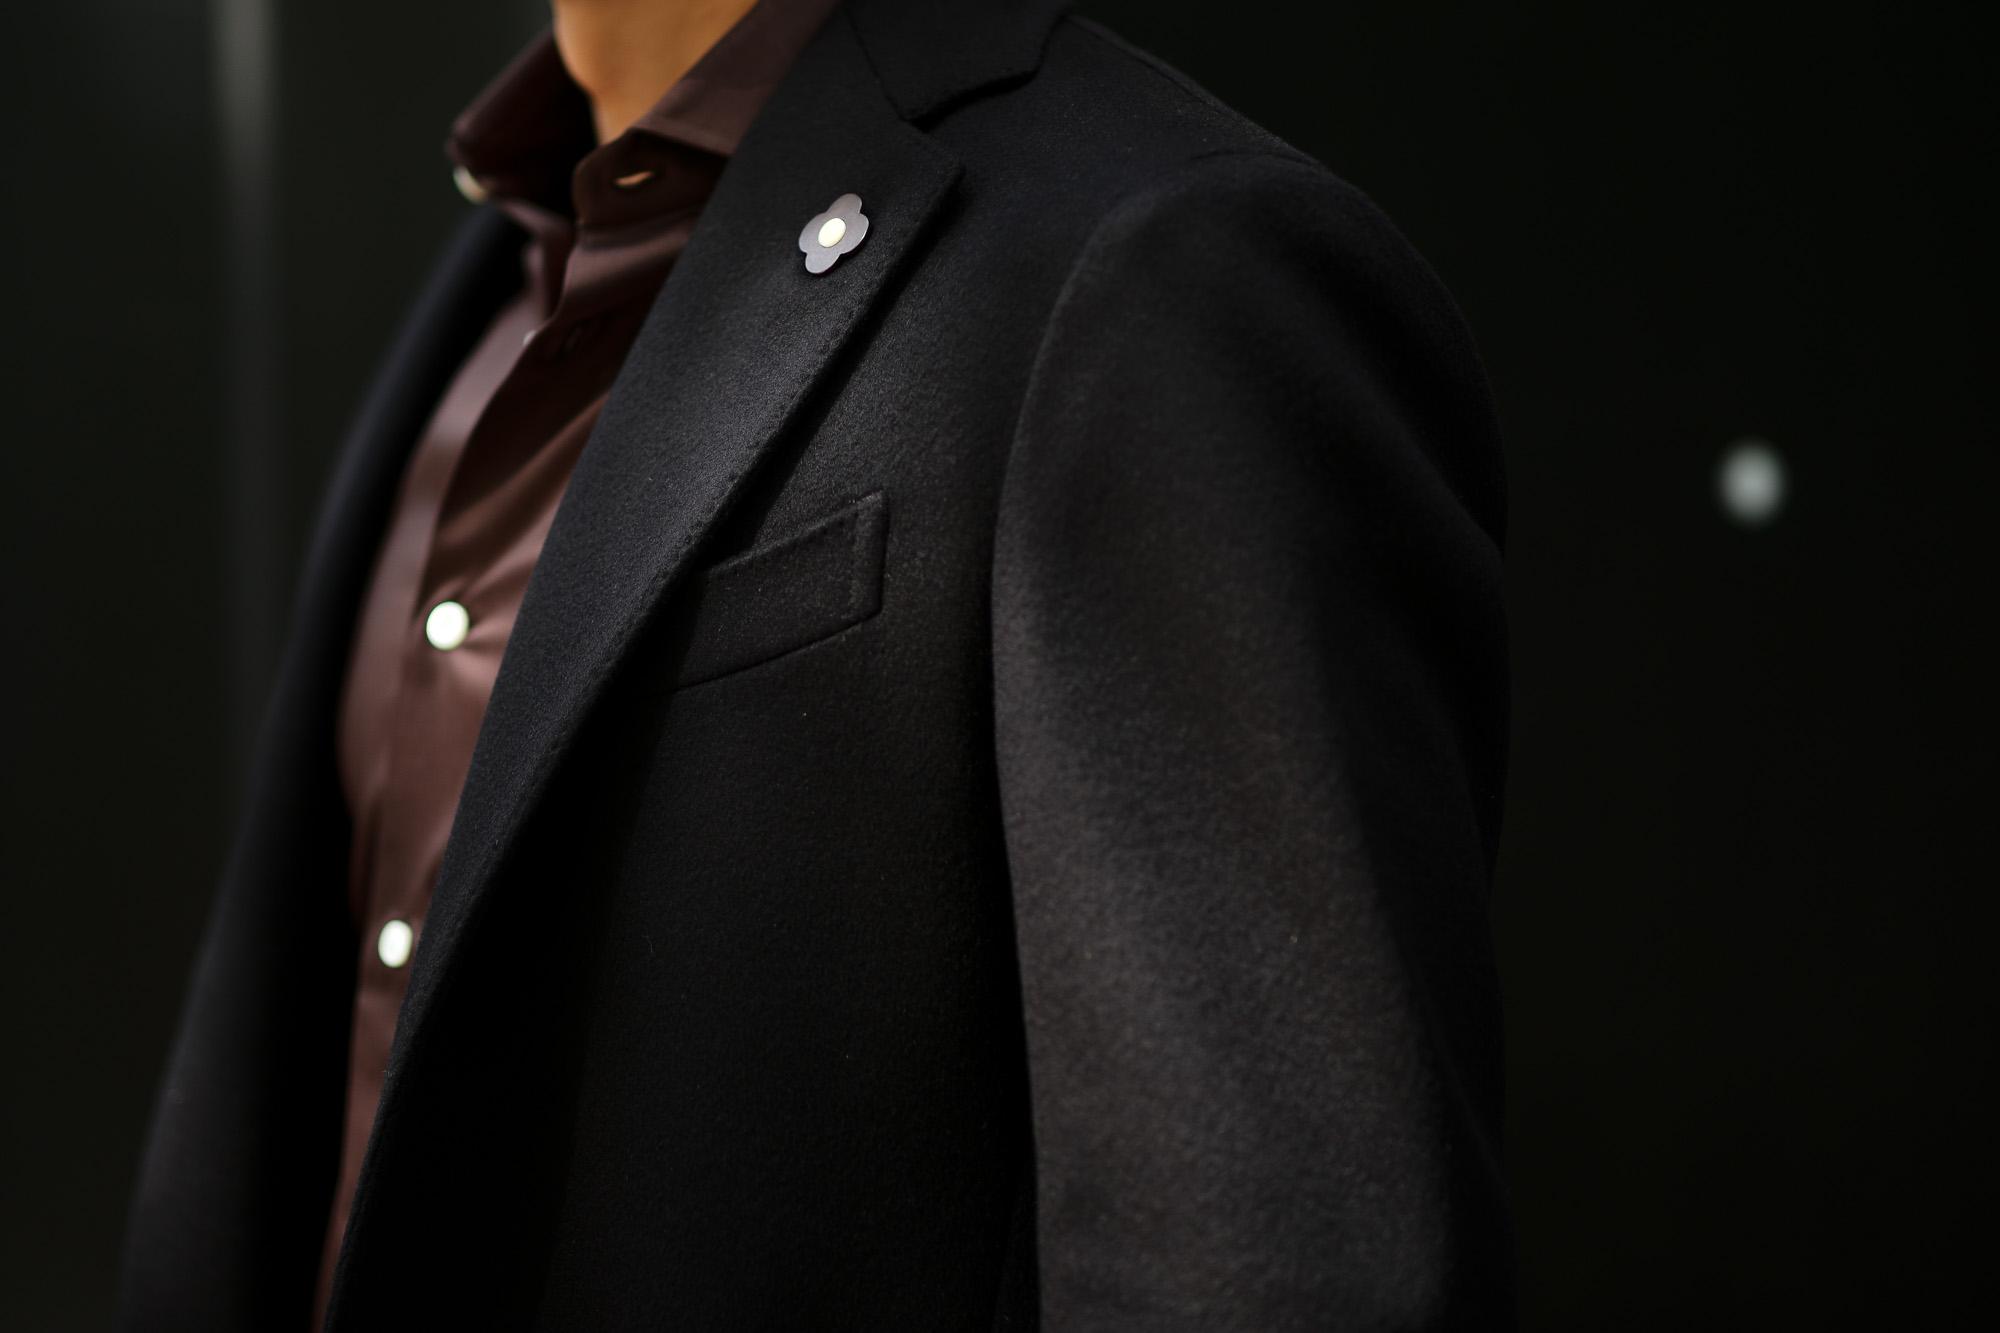 LARDINI (ラルディーニ) Spolverino Chester coat (スポルベリーノ チェスターコート) フラノウール生地 シングル チェスターコート BLACK (ブラック・4) Made in italy (イタリア製) 2019 秋冬新作 愛知 名古屋 Altoediritto アルトエデリット コート ロングコート